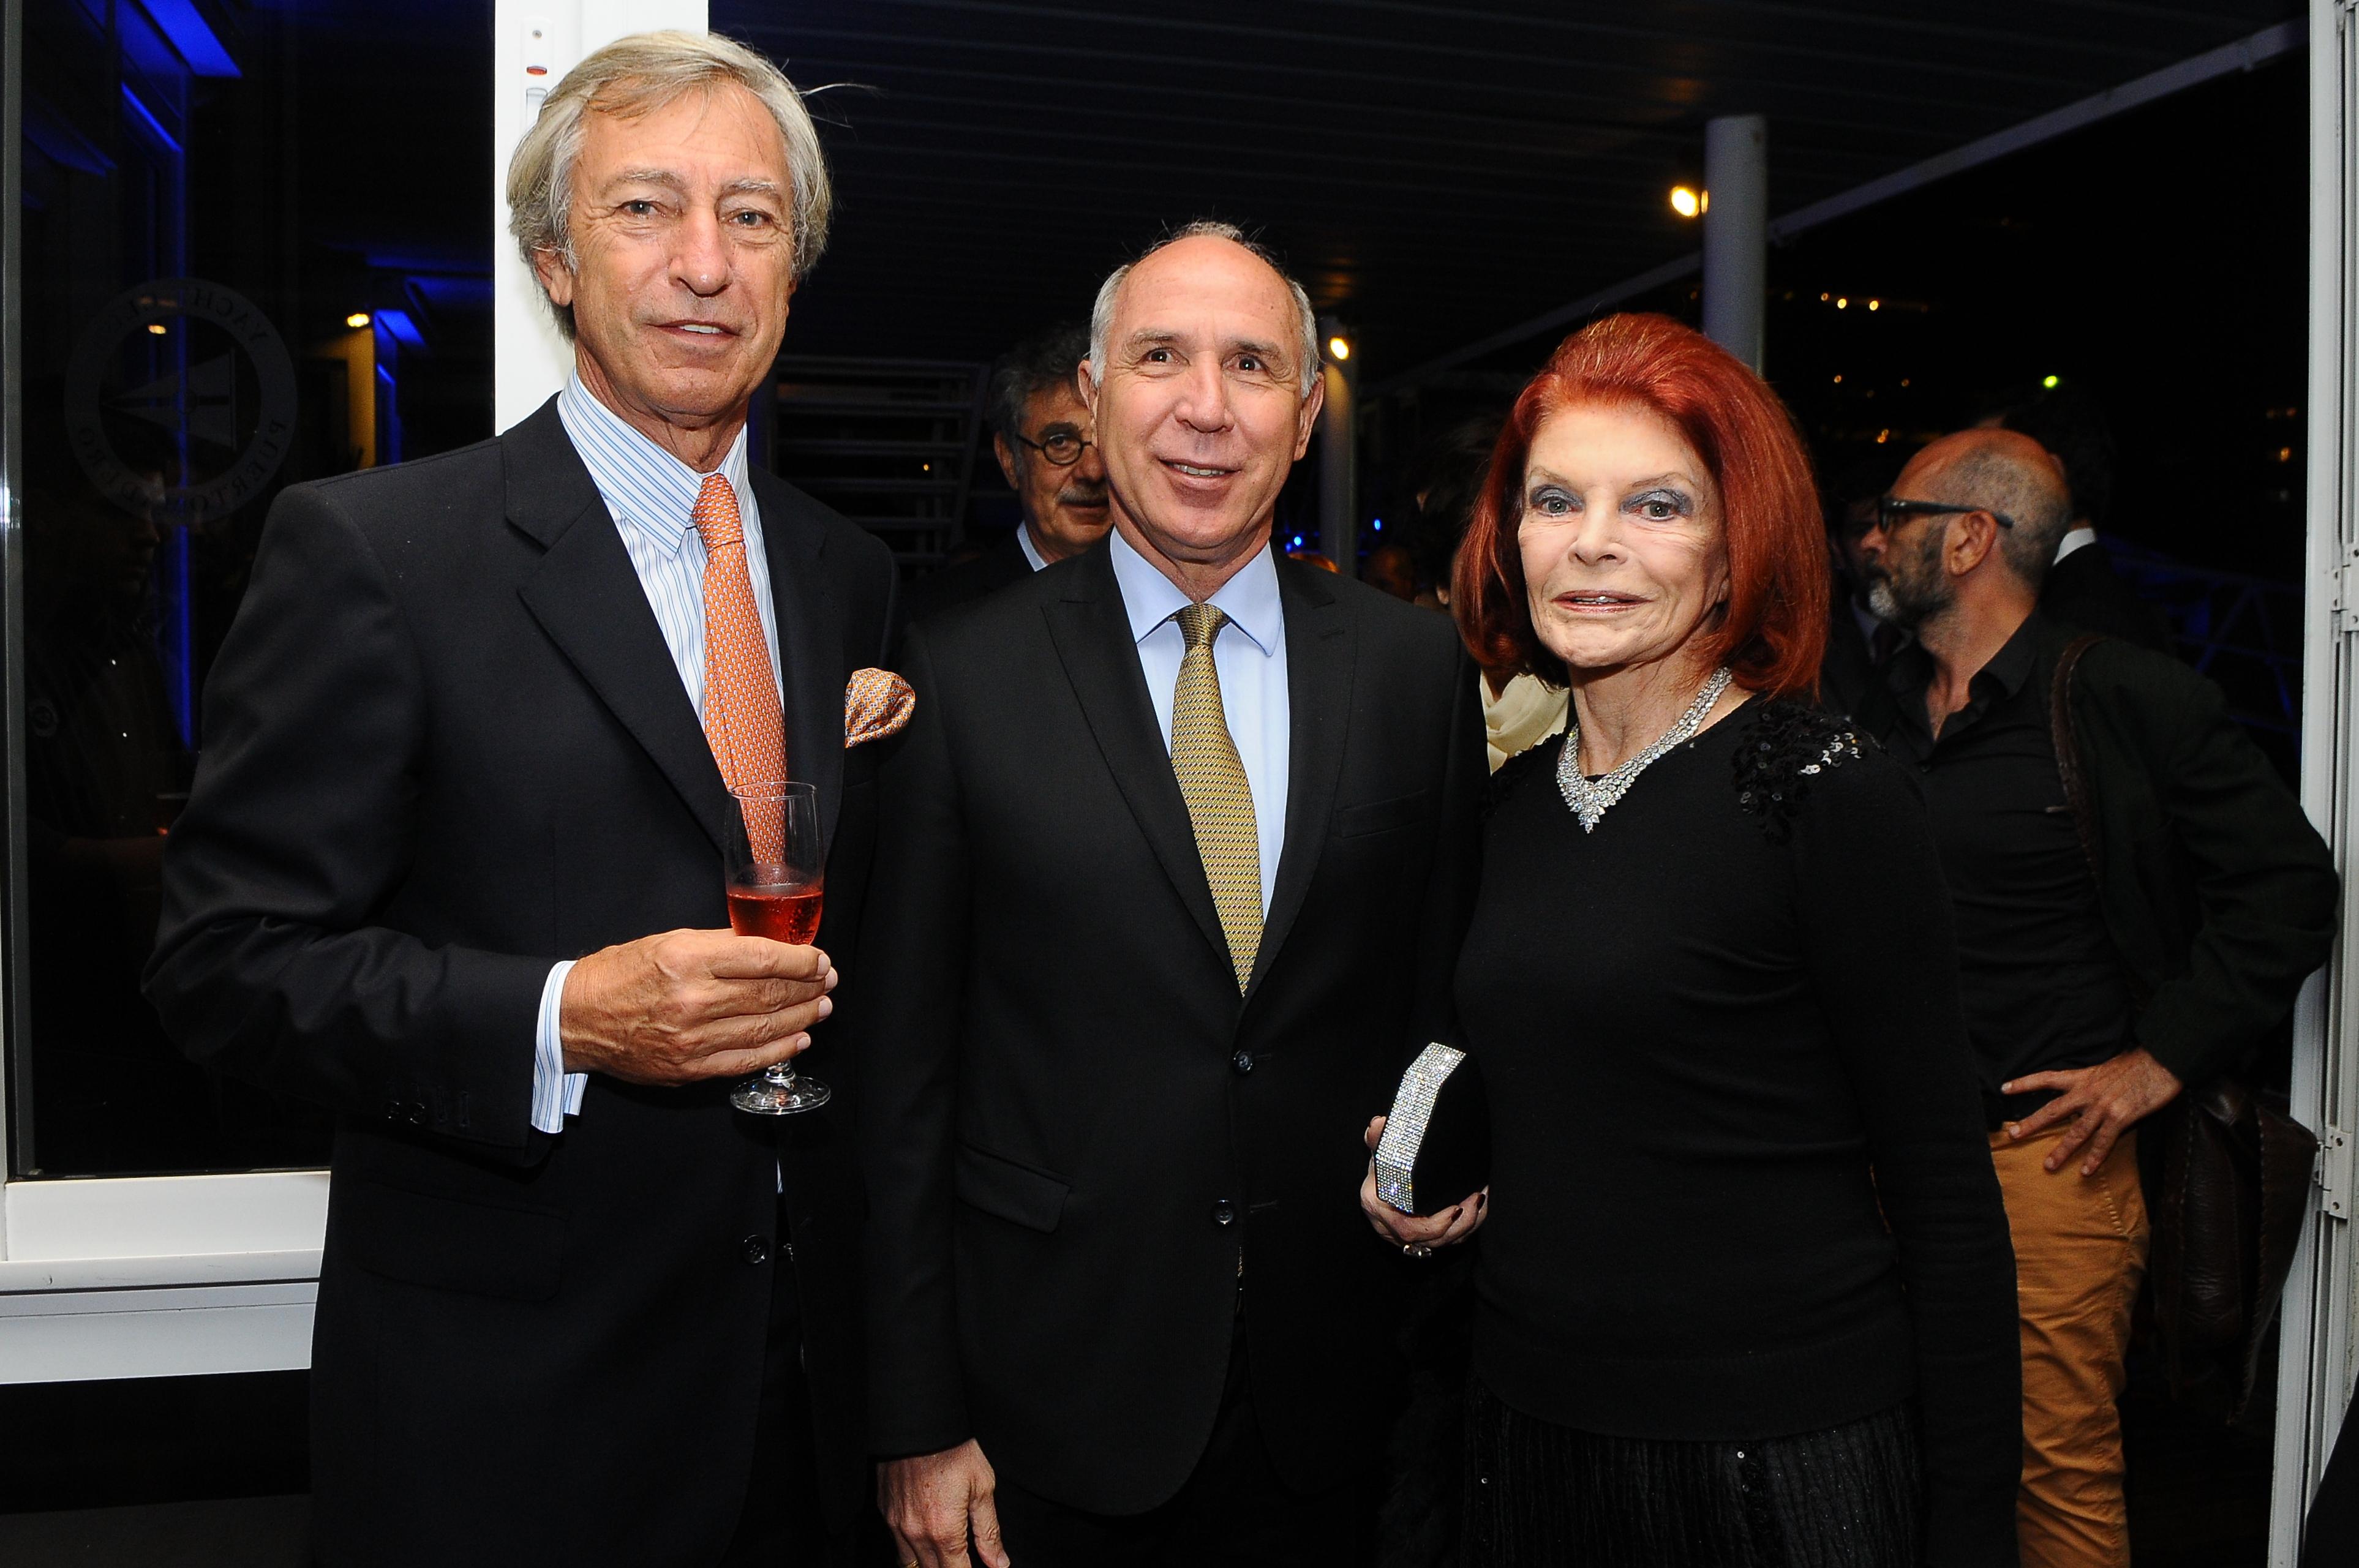 El empresario Germán Neuss junto a Ricardo Lorenzetti, presidente de la Suprema Corte de Justicia, y Lili Sielecki